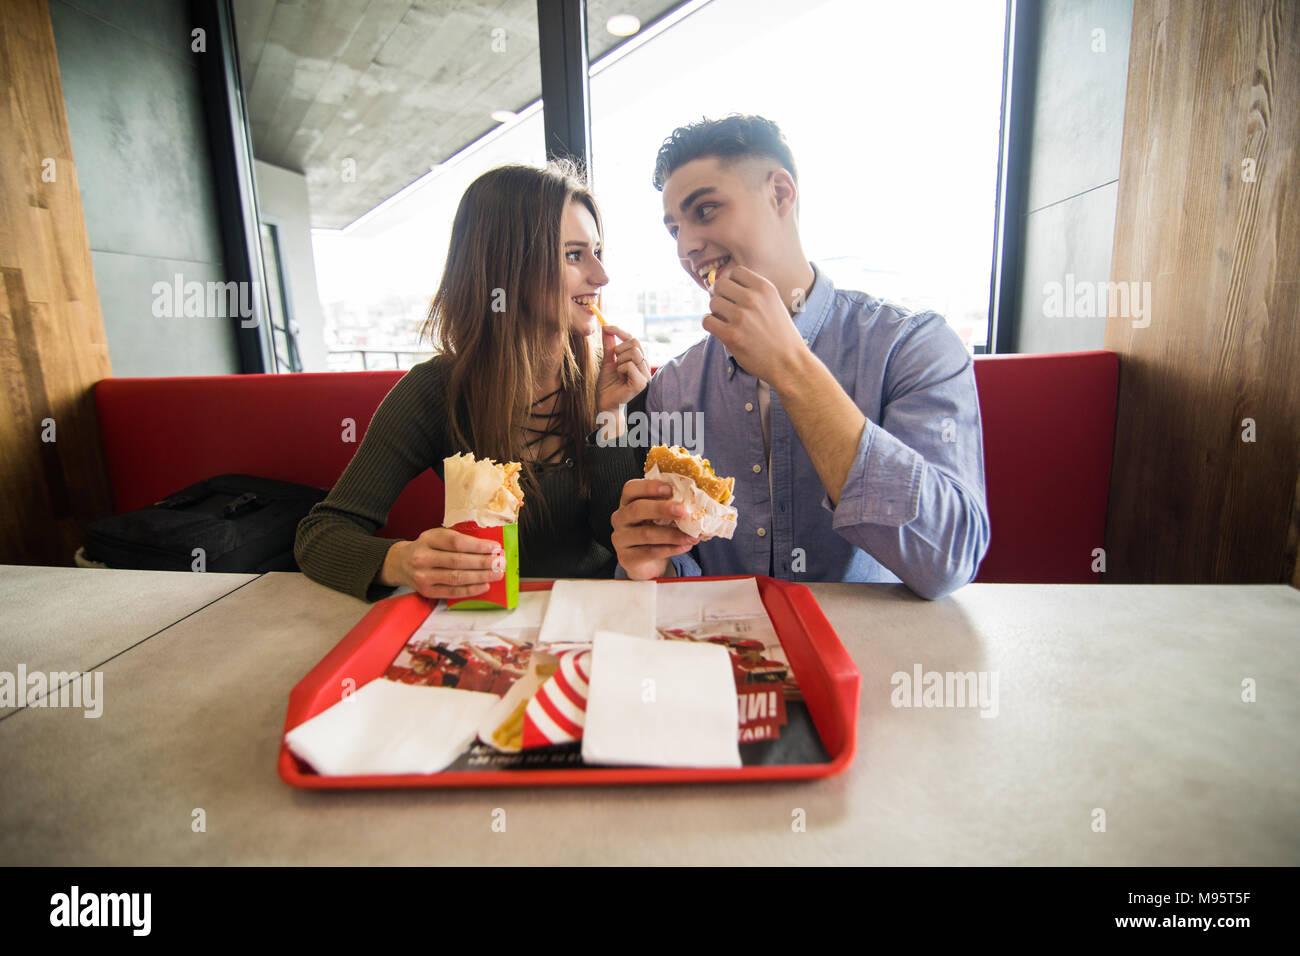 Heureux couple eating fast food burger et döner dans fast food cafe Photo Stock